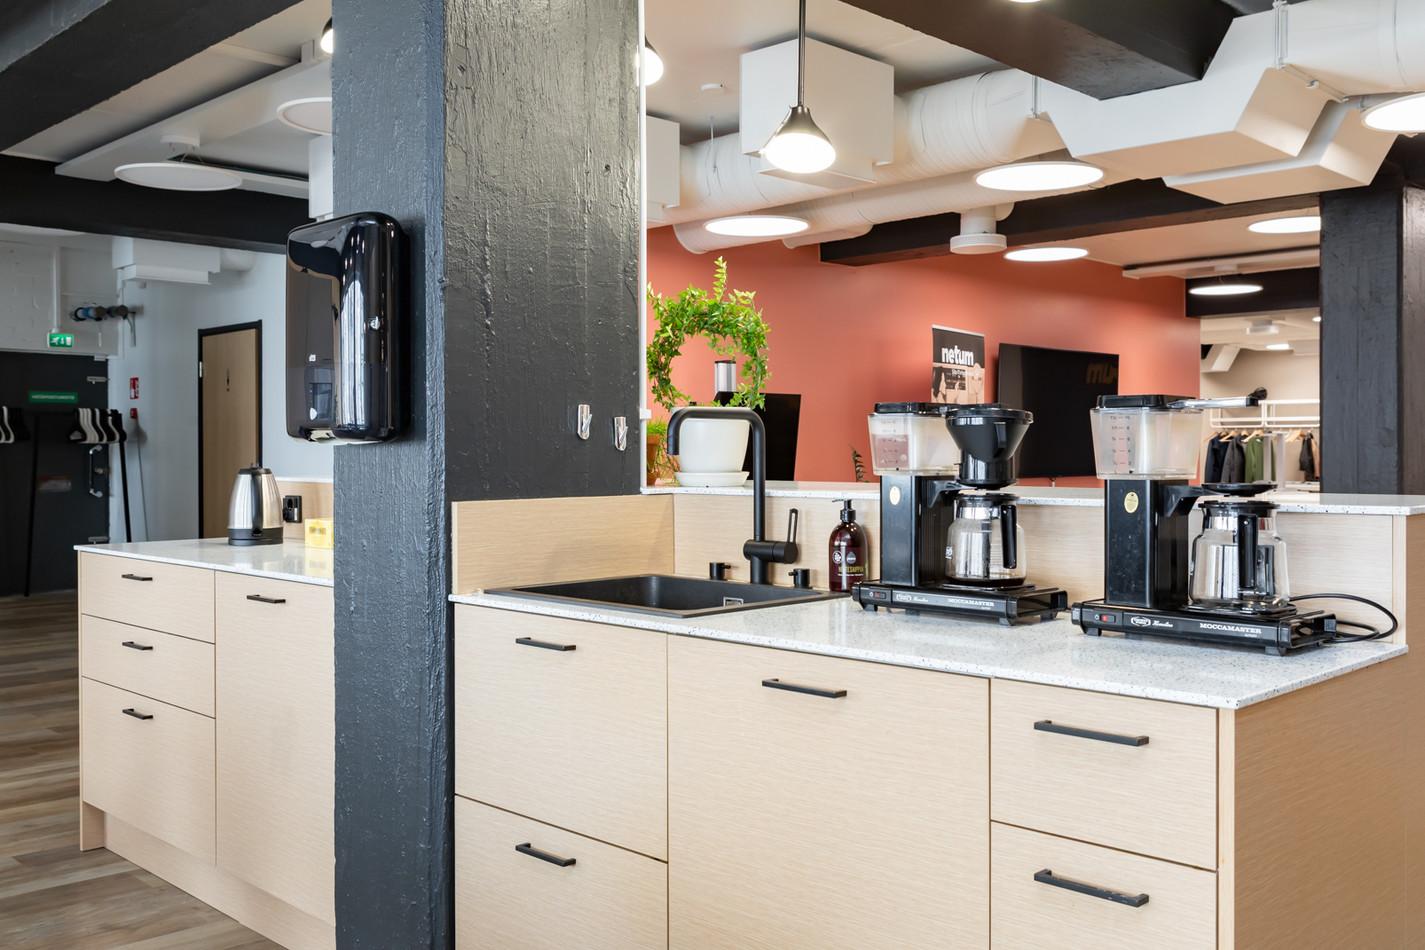 Toimiston sisustussuunnittelu - Kahvio